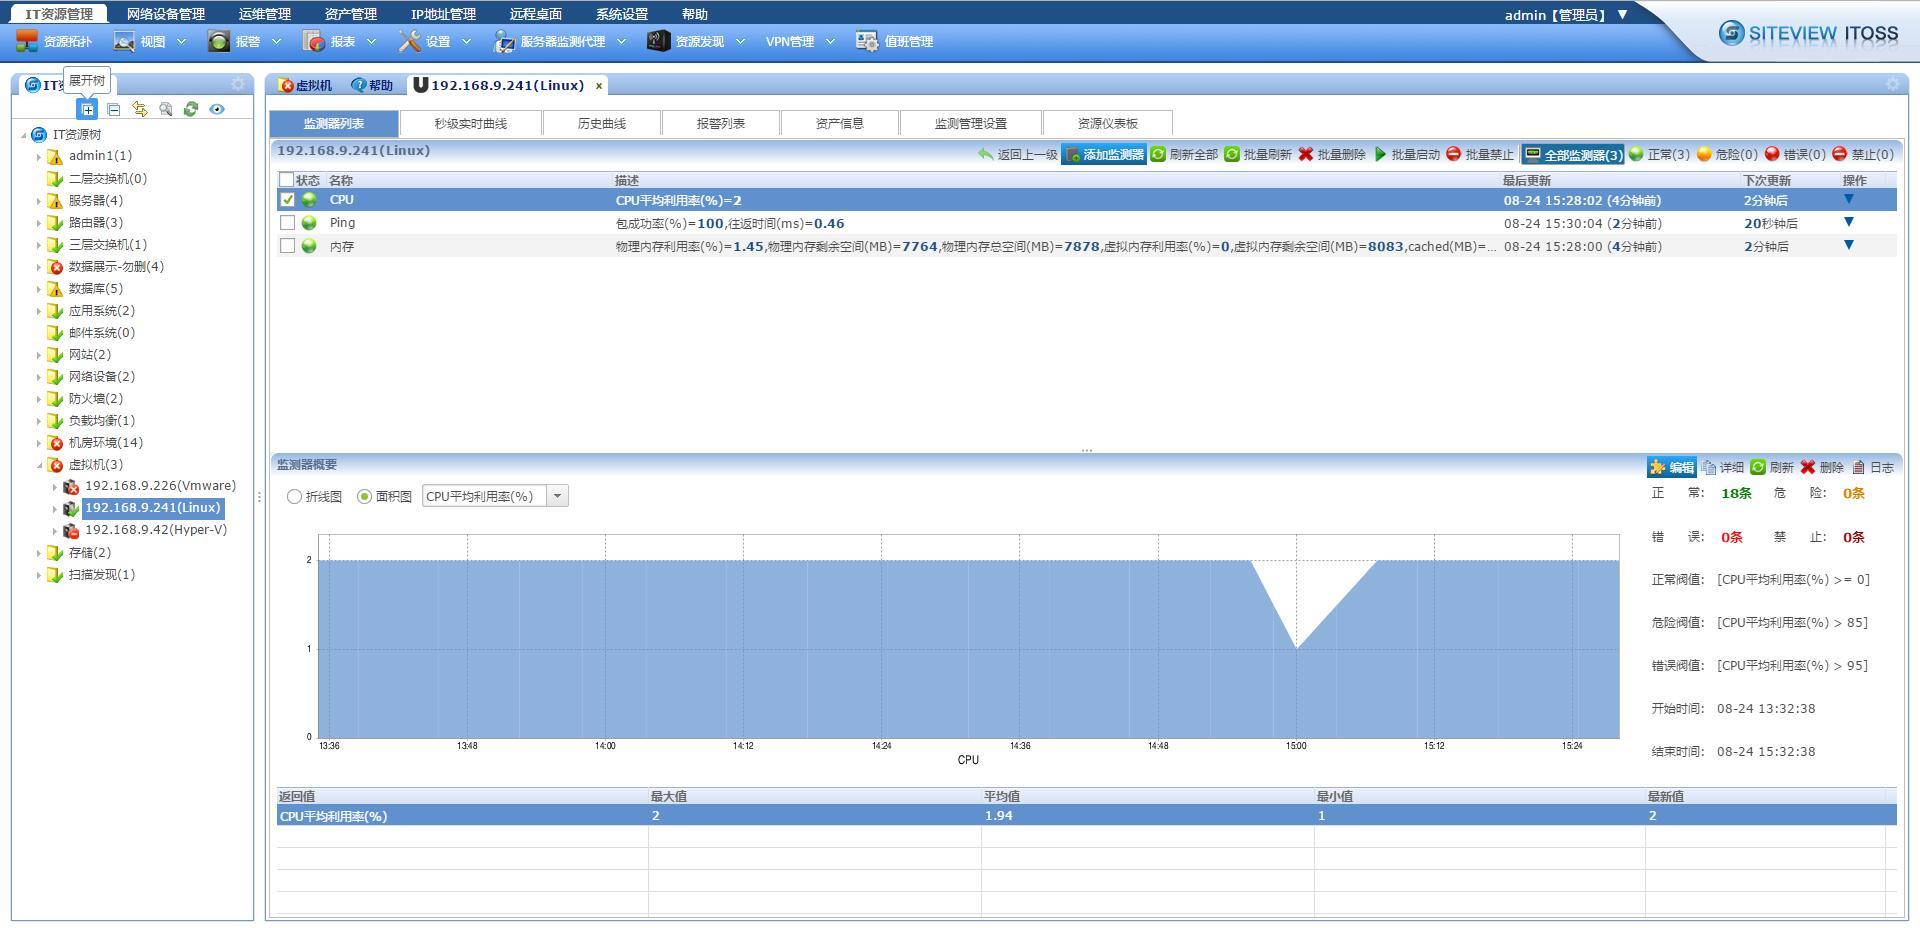 siteview002.jpg